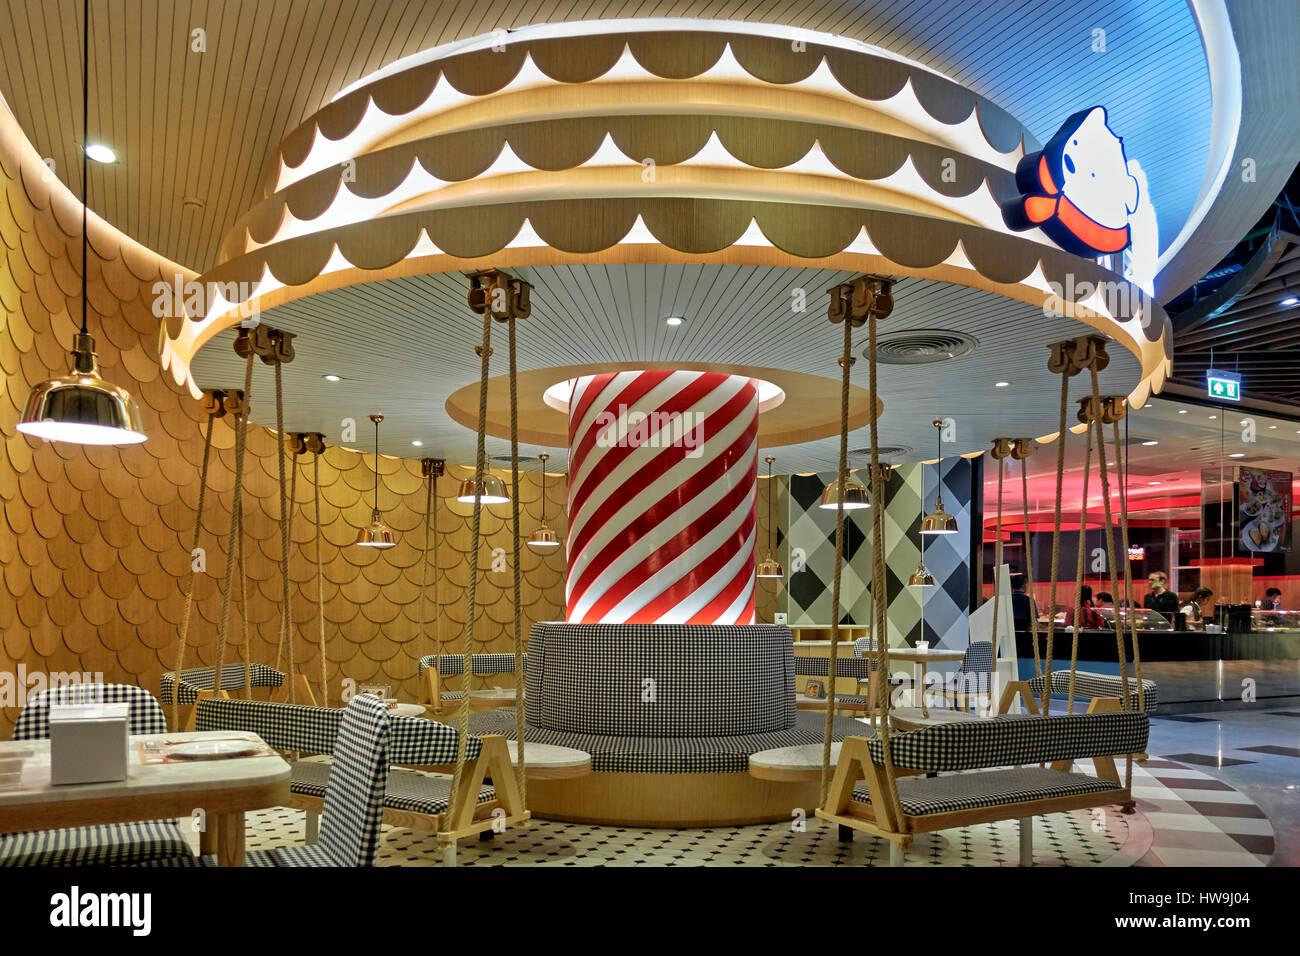 Rond originale et imaginative, comme carrousel, coin repas dans un restaurant en Thaïlande. Photo Stock